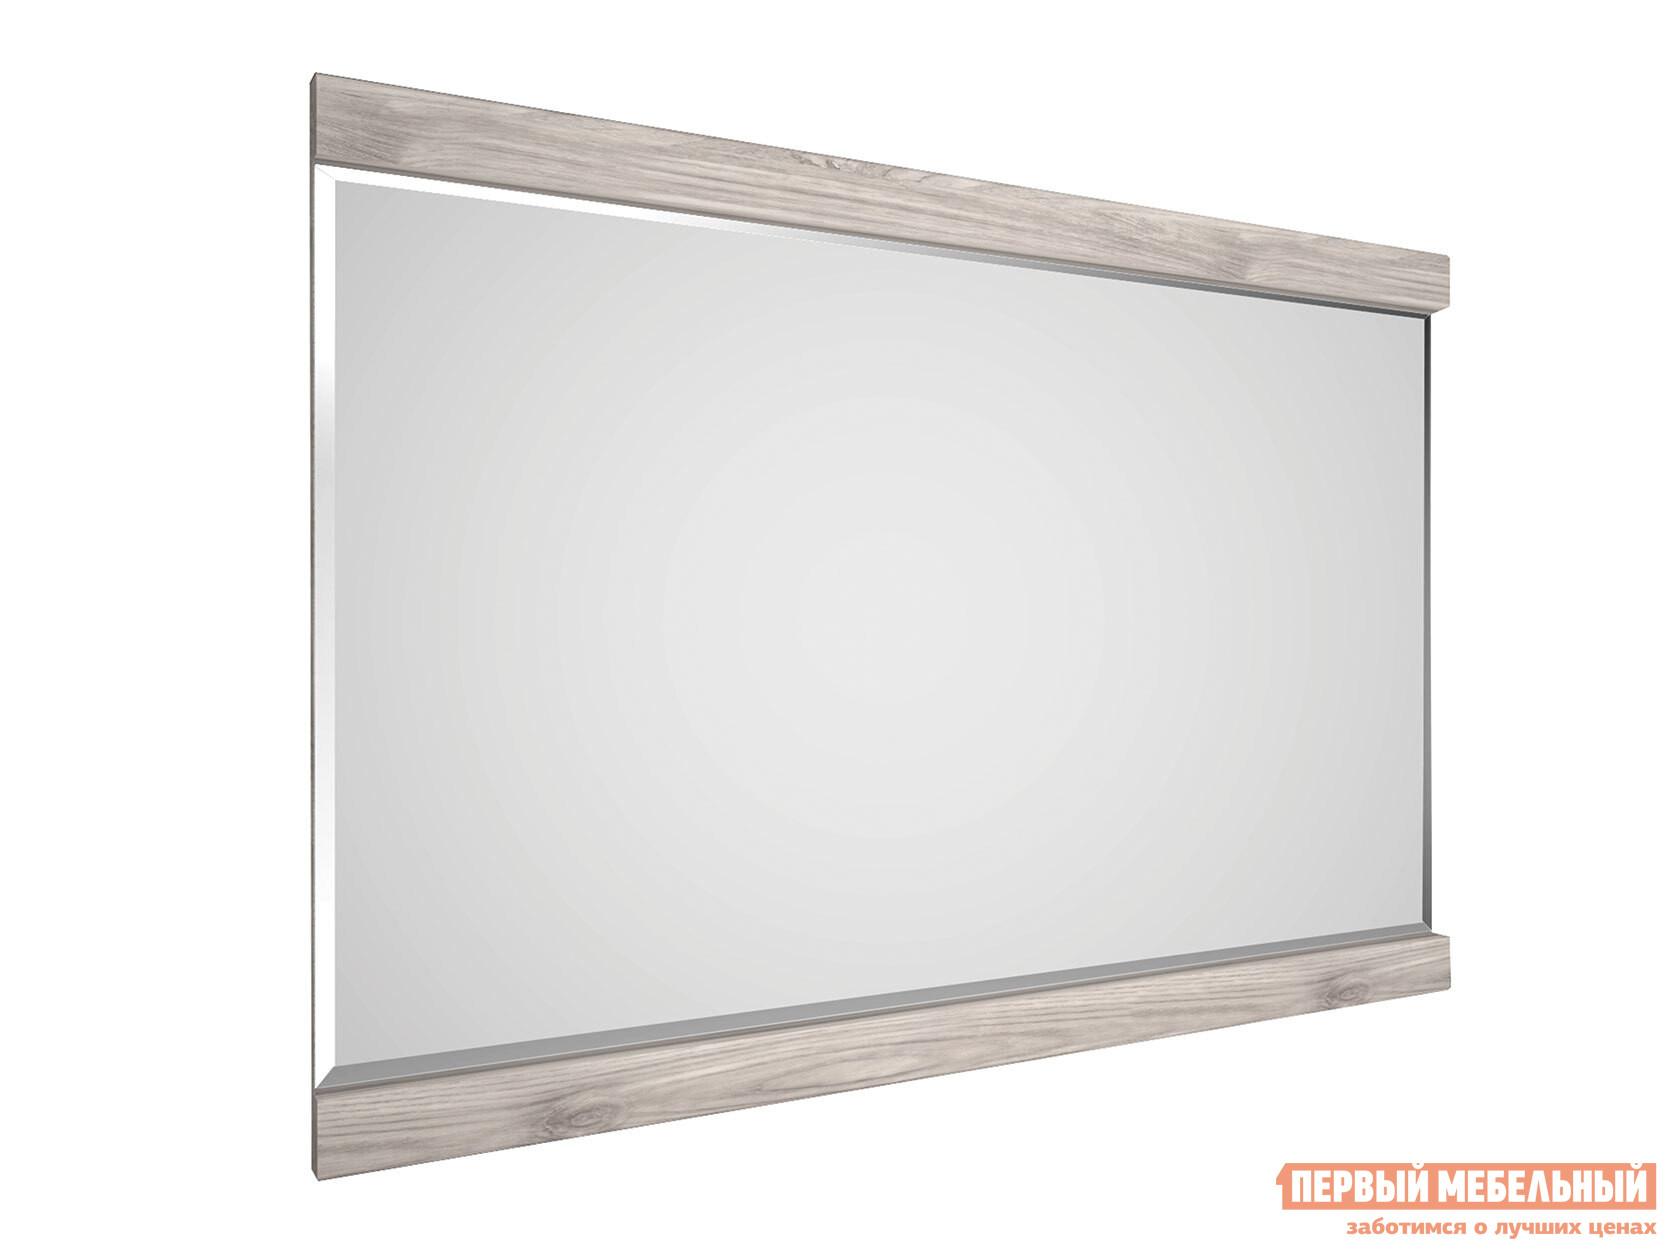 Настенное зеркало Первый Мебельный Зеркало Джаз